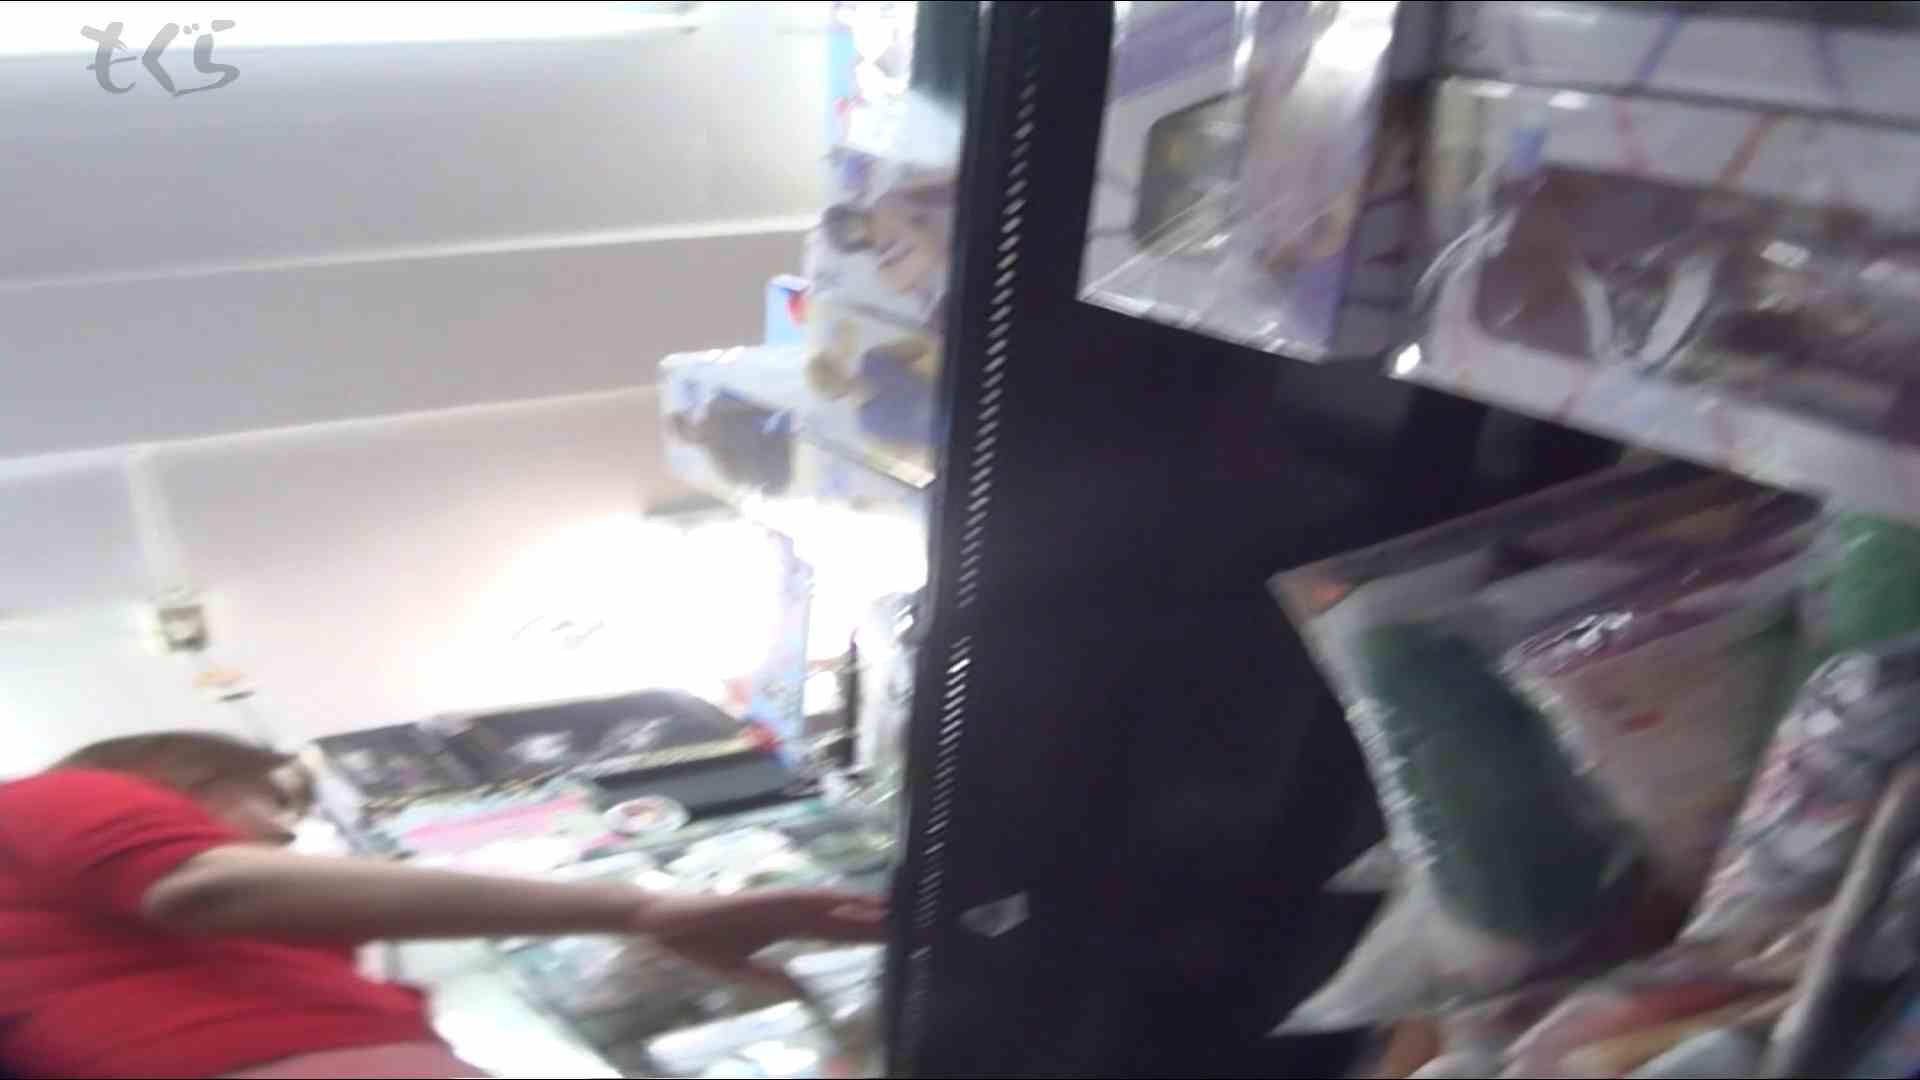 隣からNo9 横顔美人は、布の面積小さめ 高画質動画 オマンコ無修正動画無料 50画像 17